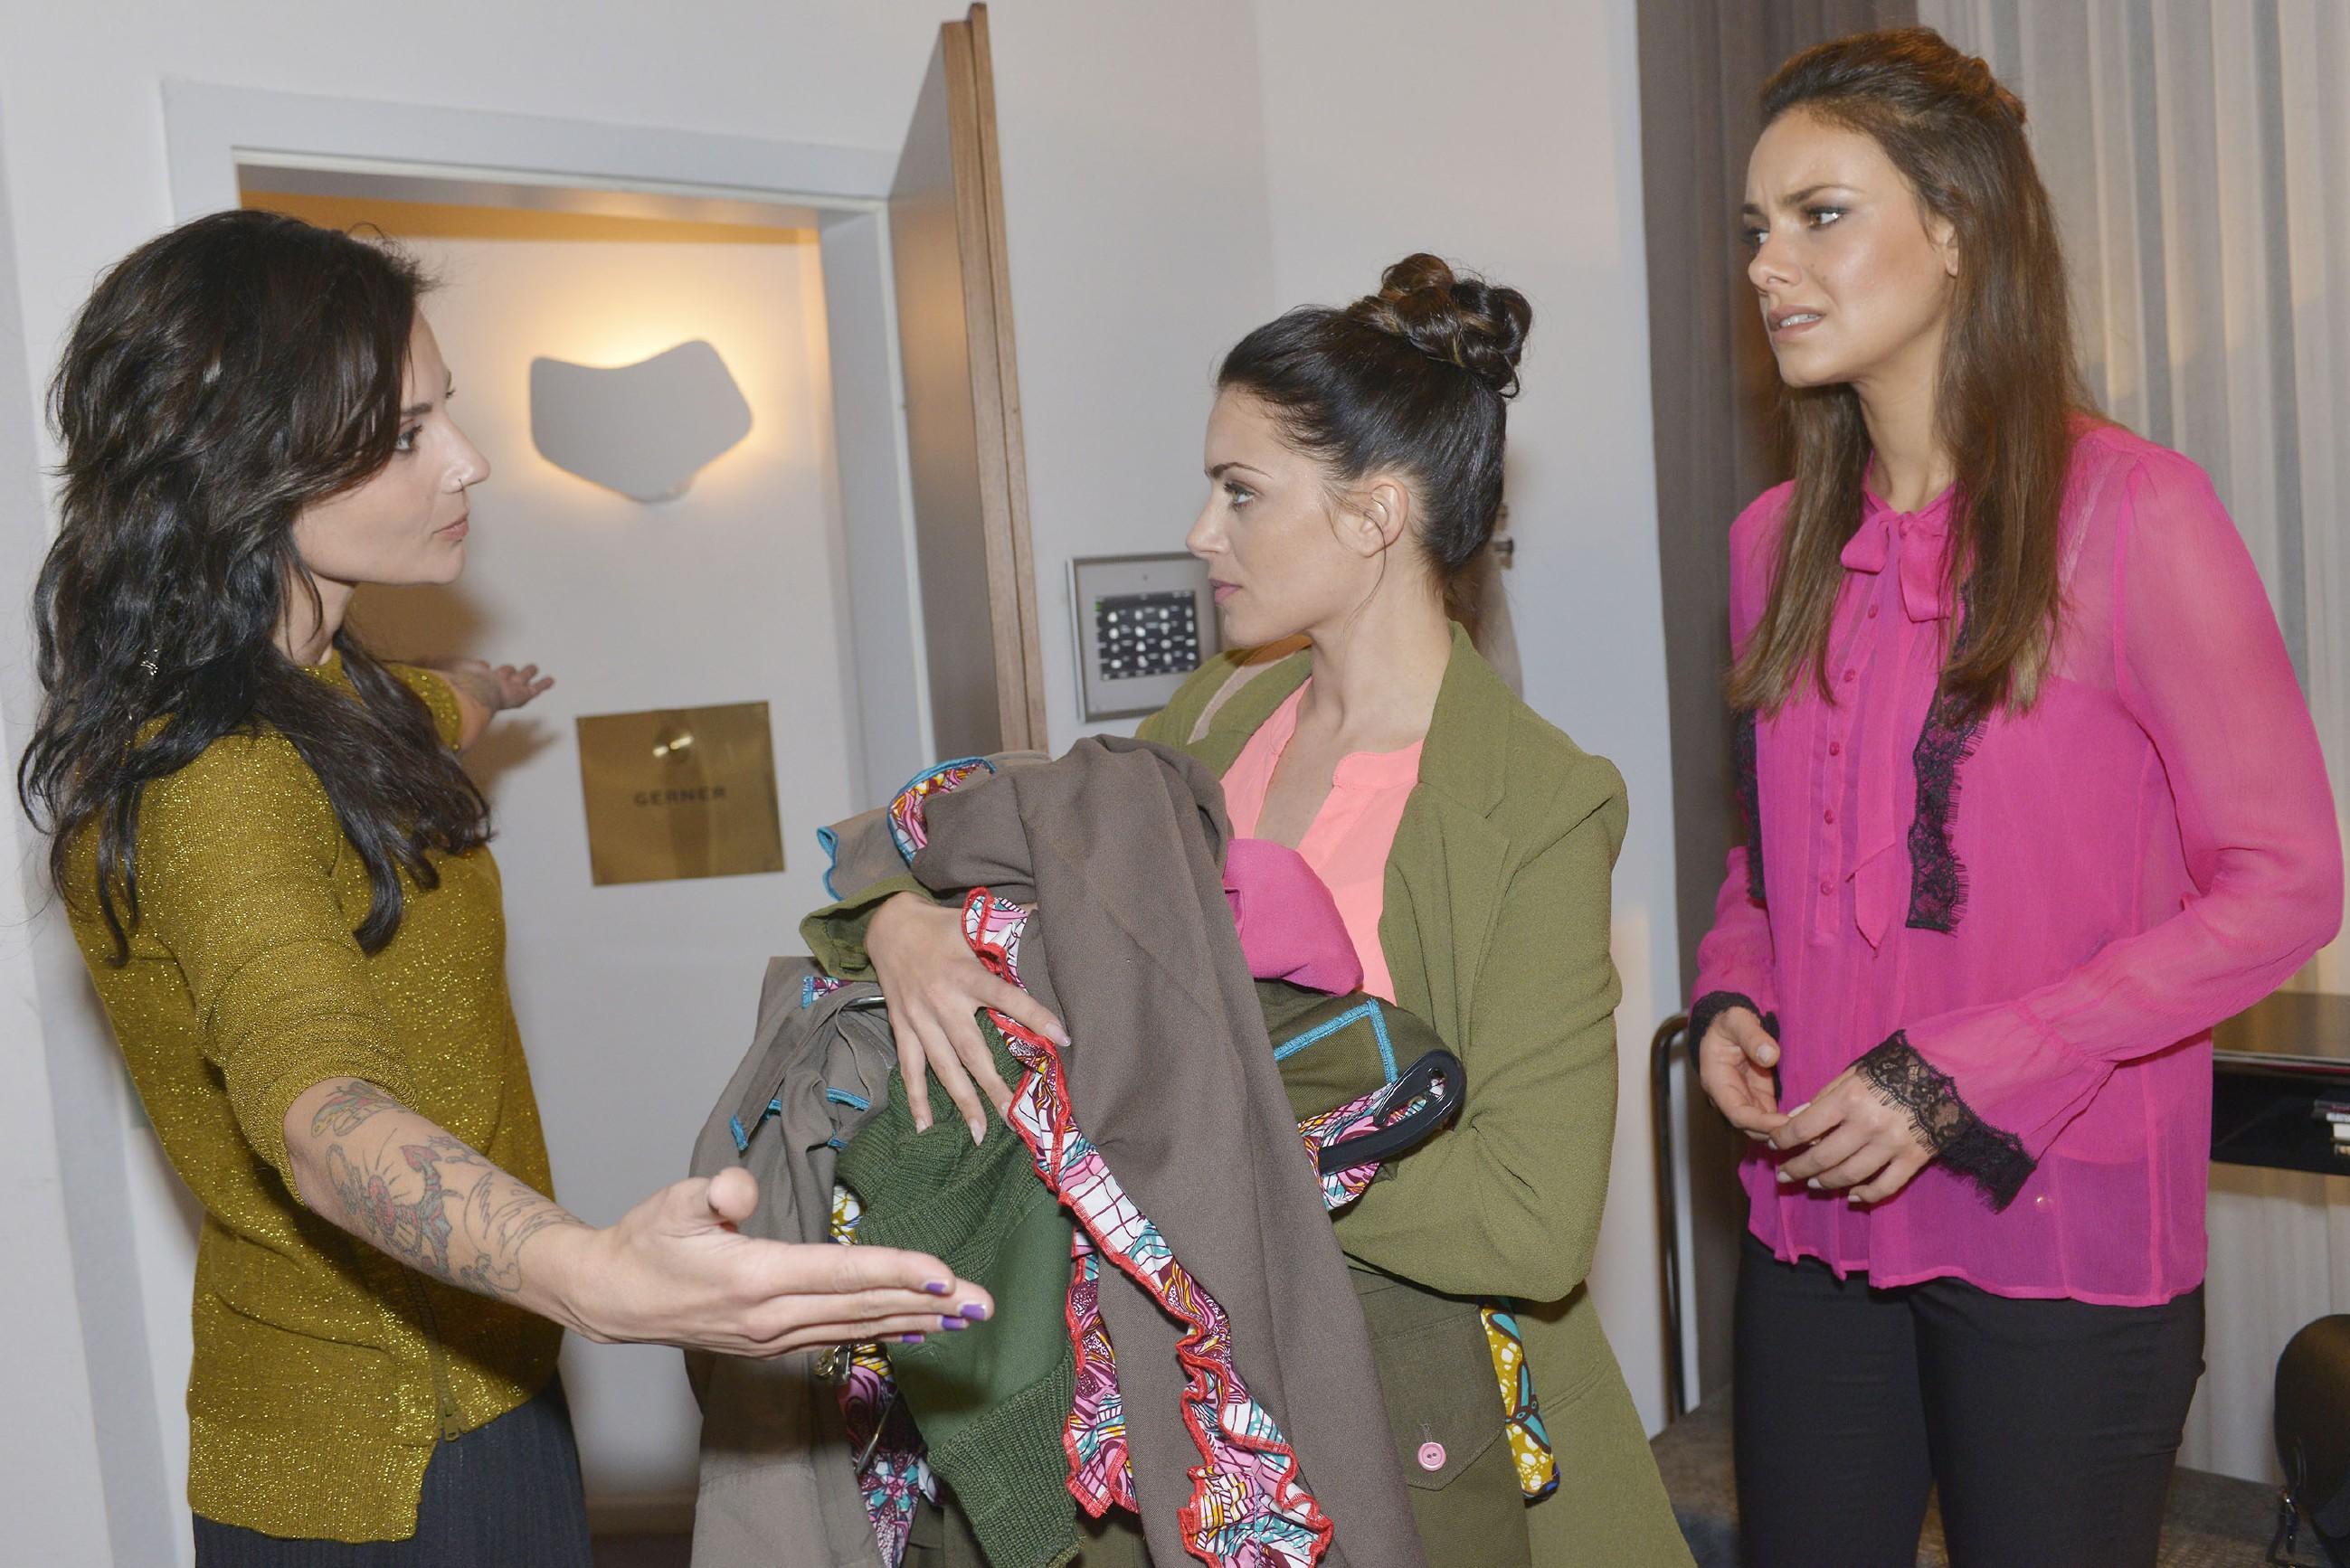 Anni (Linda Marlen Runge, l.) weist Emily (Anne Menden, M.), stellvertretend für Jasmin (Janina Uhse), in die Schranken. (Quelle: RTL / Rolf Baumgartner)